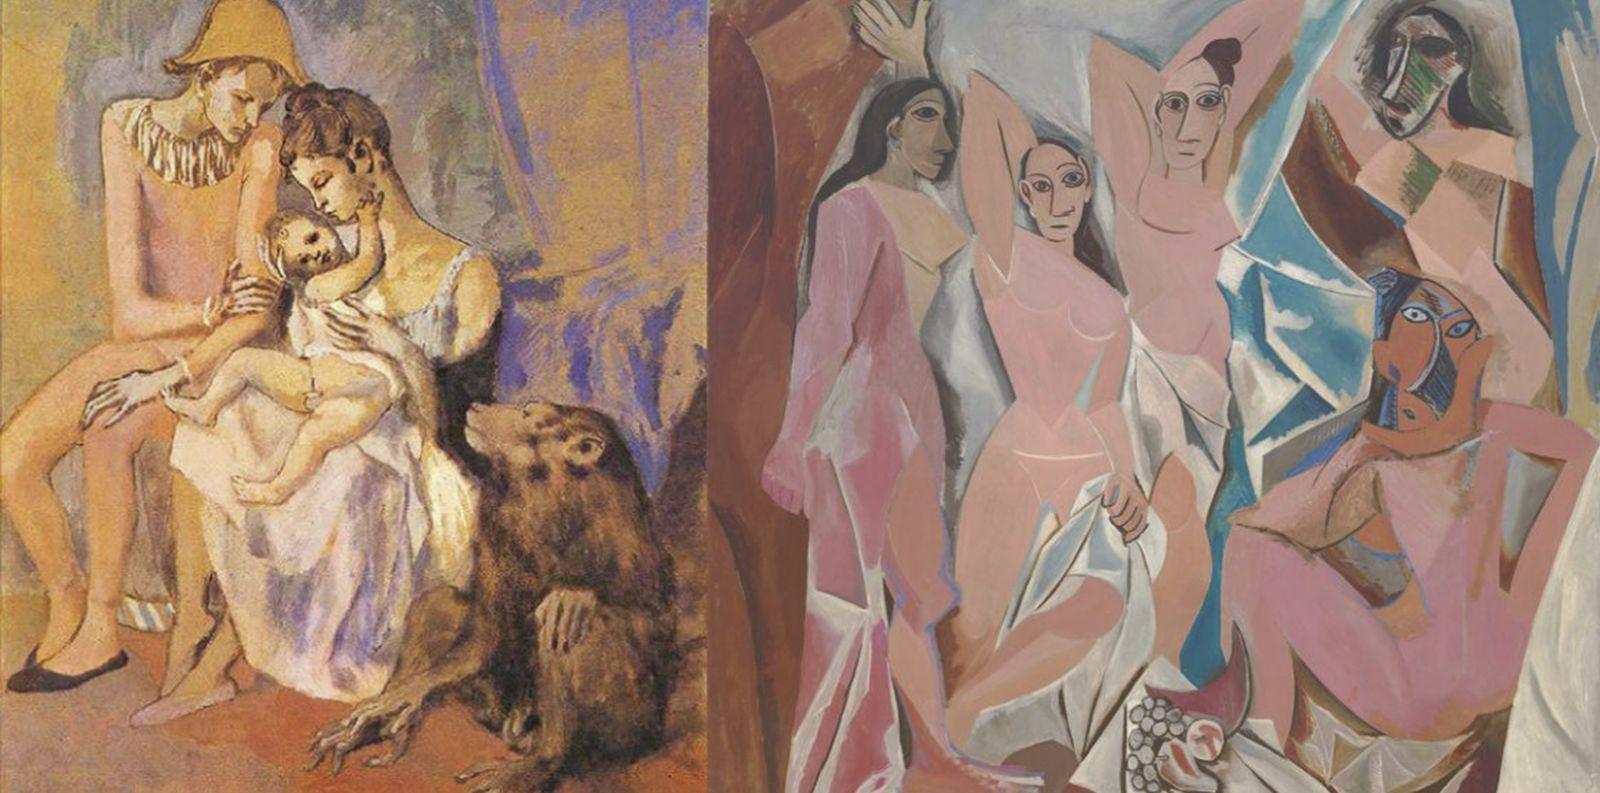 Pablo Picasso: Sự hài hoà ẩn giấu